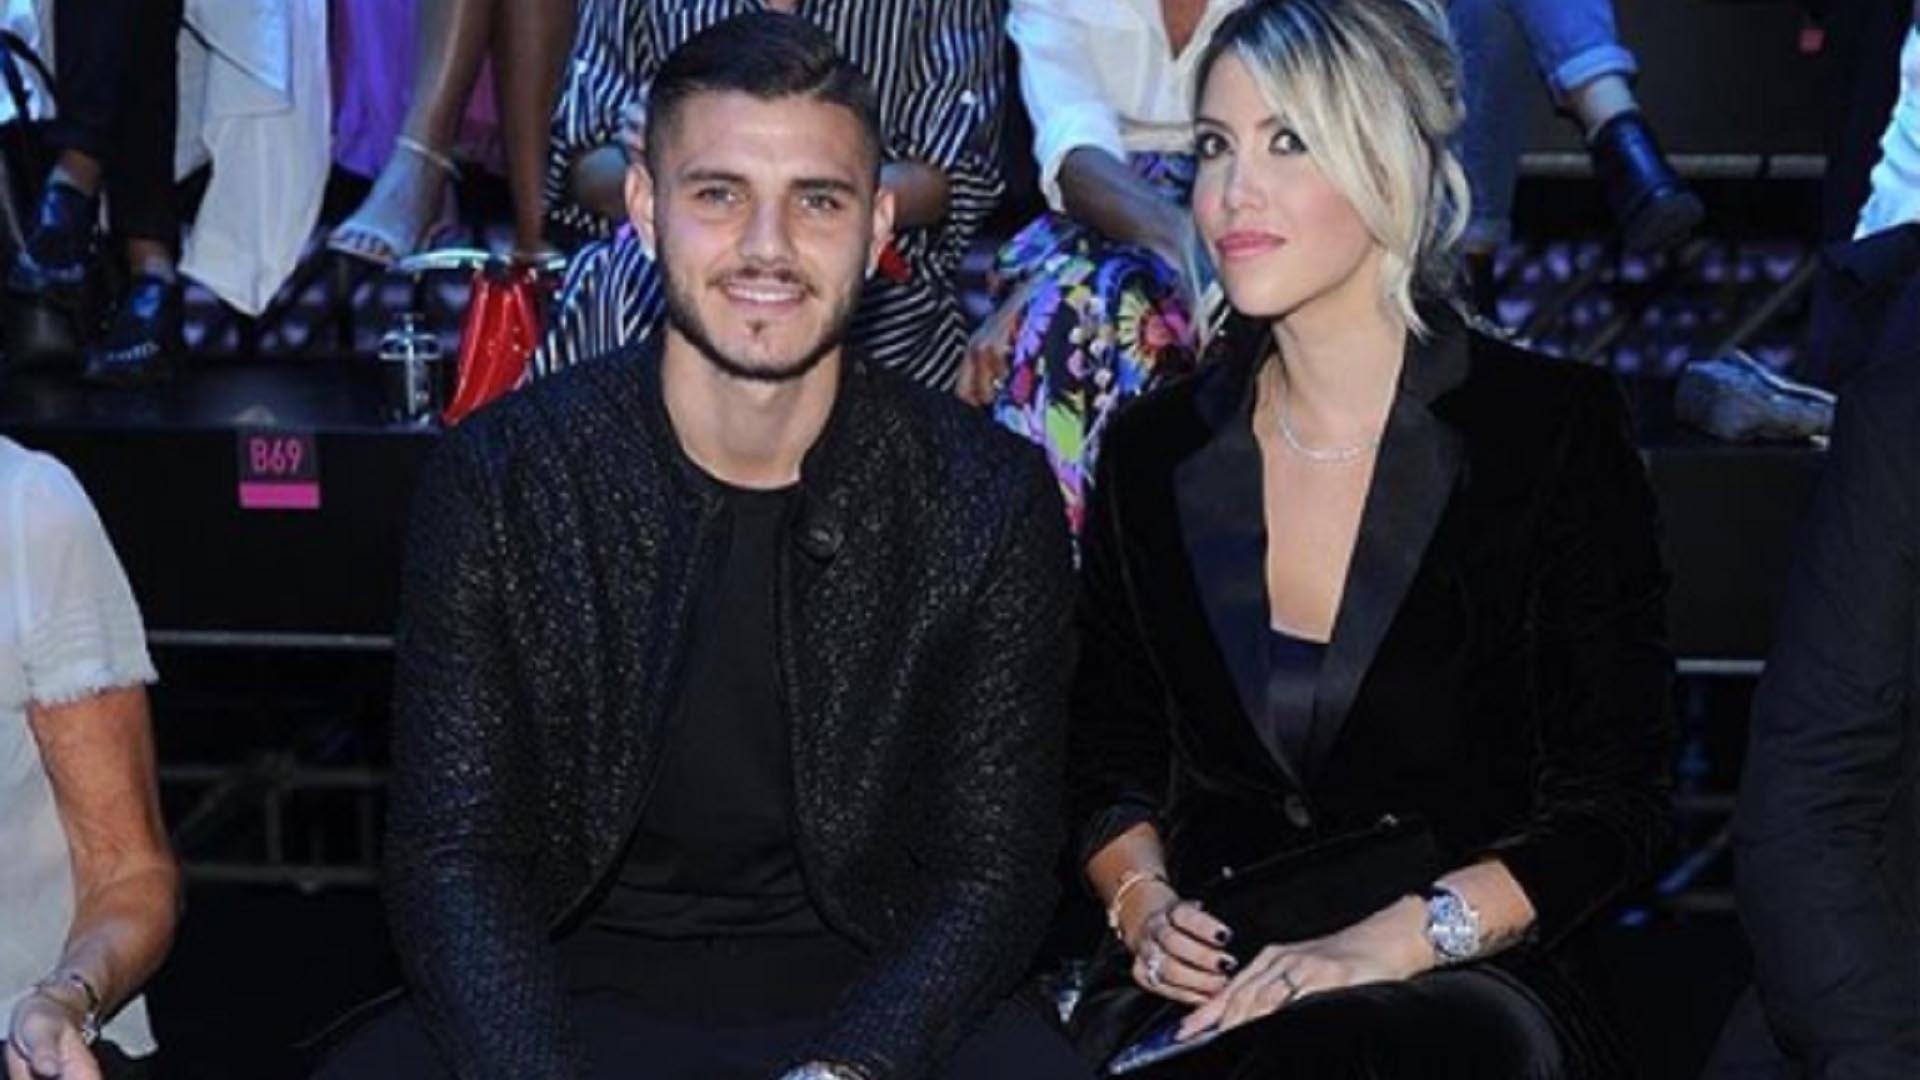 La ex modelo negó los informes de la prensa que afirmaron que el jugador habría alcanzado un acuerdo con el Inter para renovar su contrato (Foto: Especial)